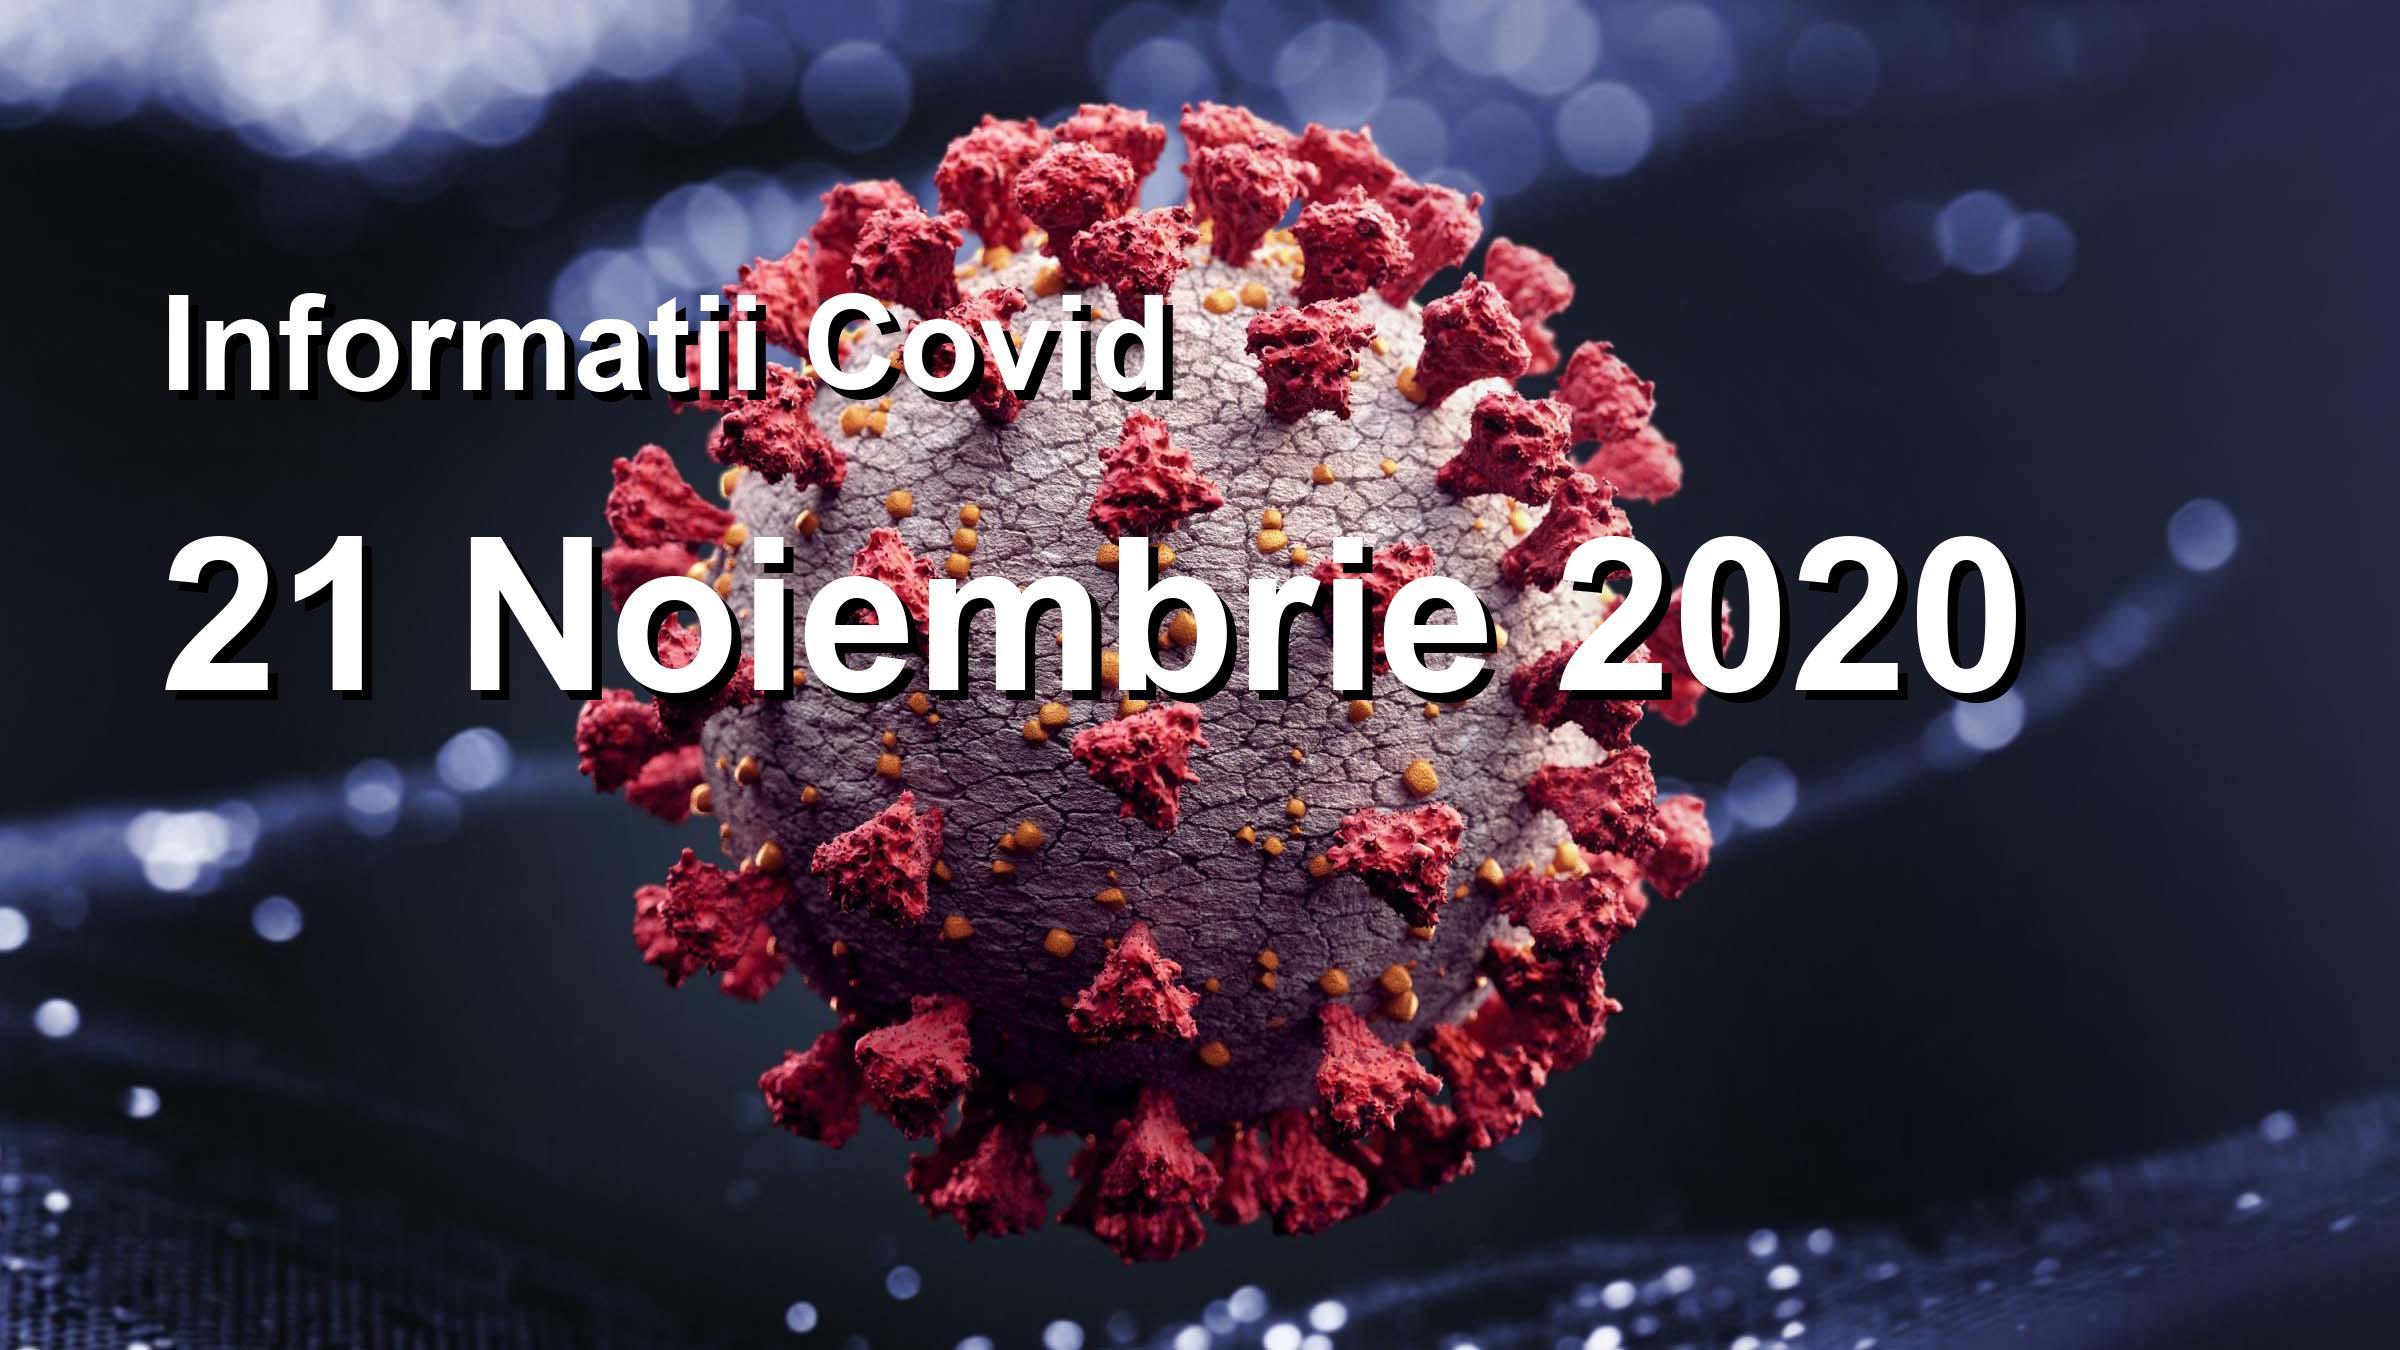 Informatii Covid-19 pentru 21 Noiembrie 2020: 9685 infectari, 33221 teste. | Coronavirus Romania